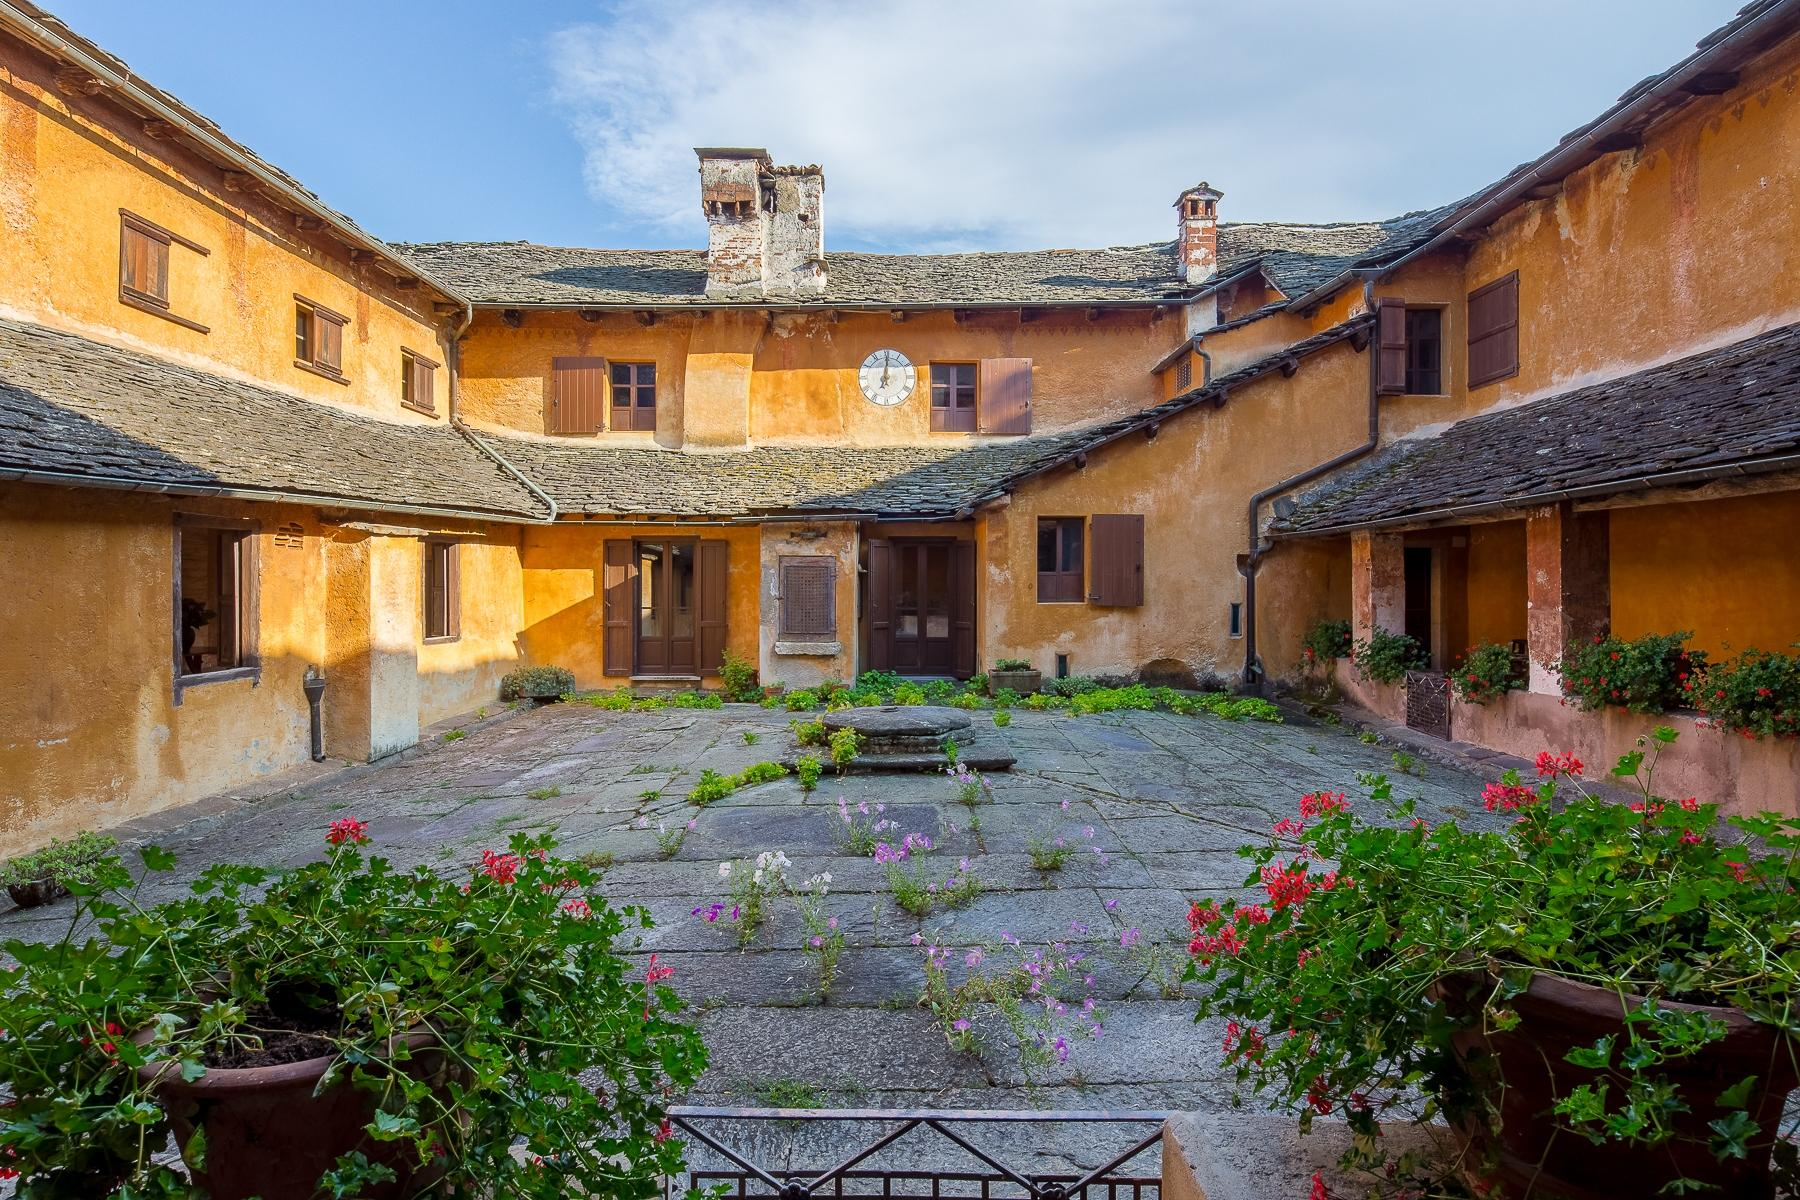 Бывший монастырь и вилла 19 века на Сакро-Монте - Орта Сан Джулио - 24